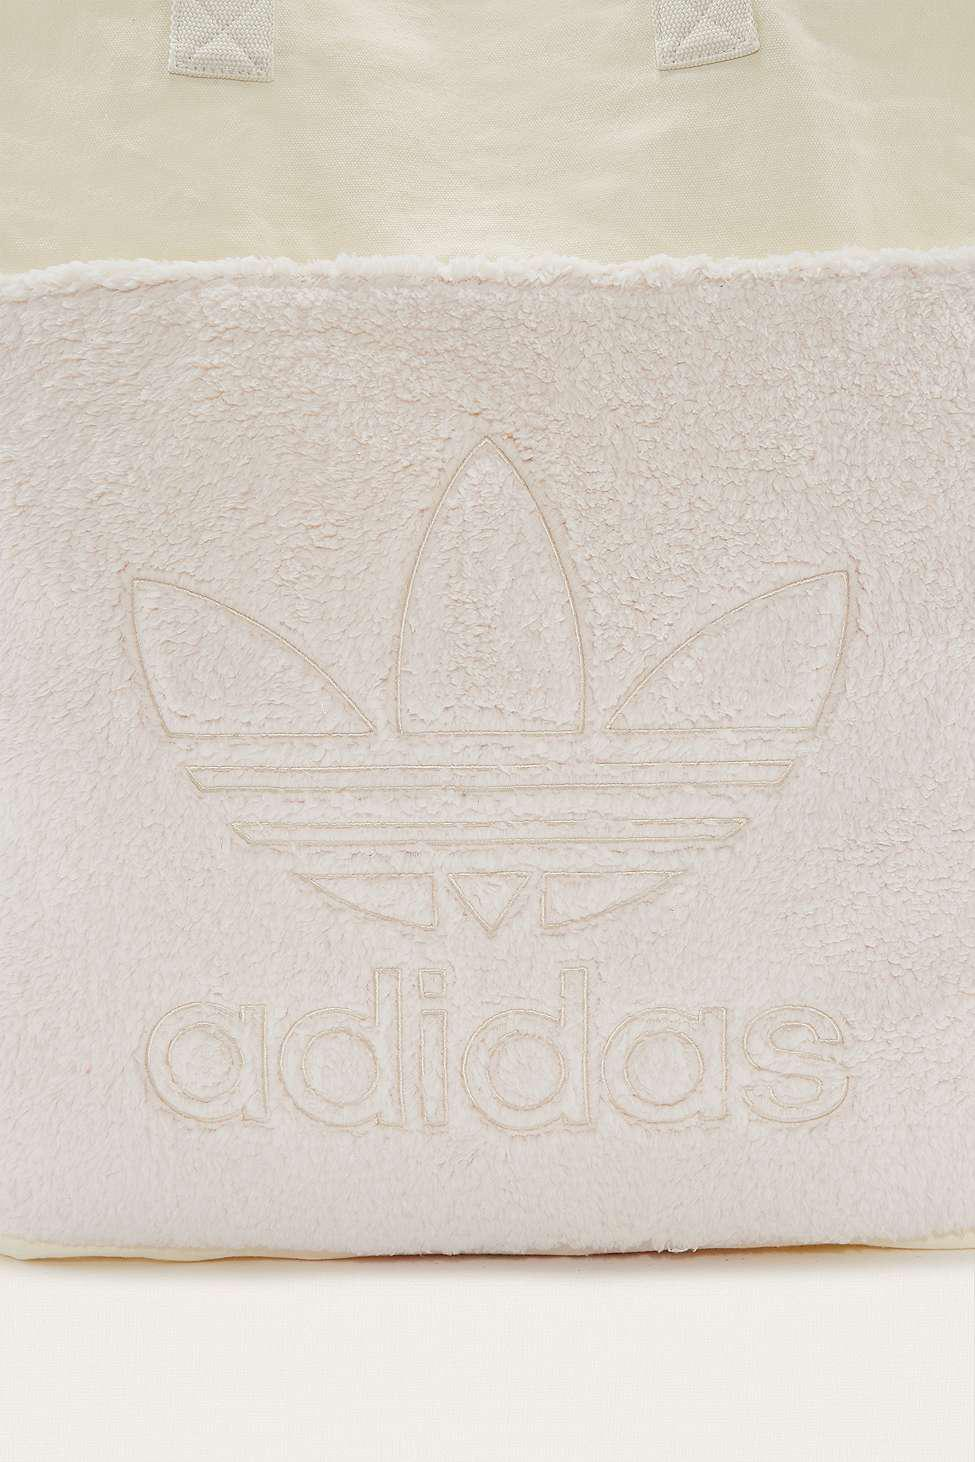 adidas Originals Trefoil Canvas Tote Bag in White